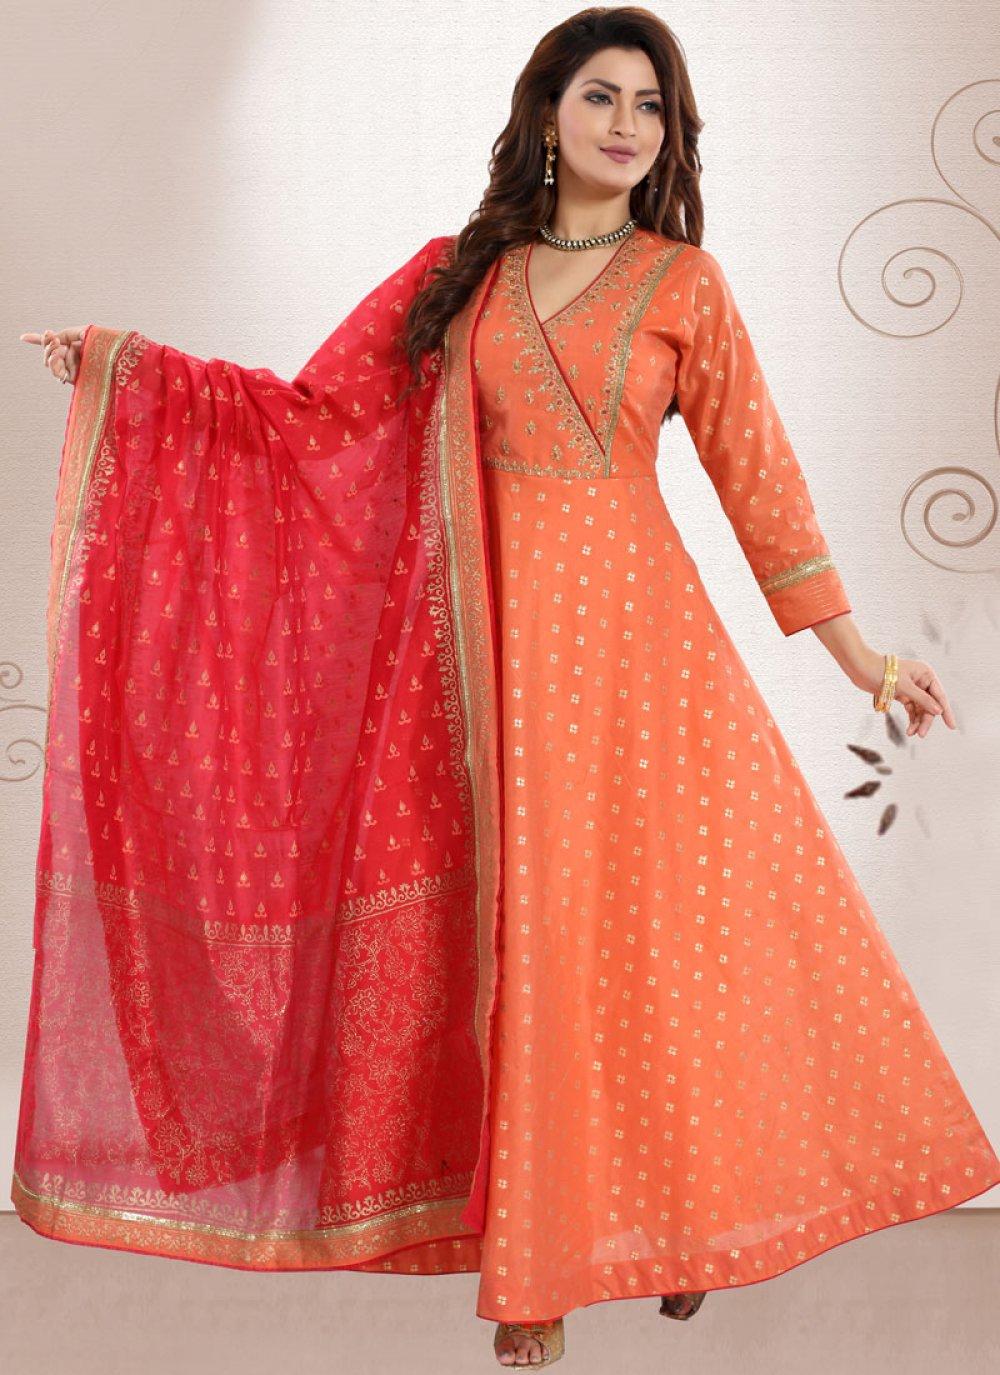 Chanderi Peach Embroidered Anarkali Salwar Suit